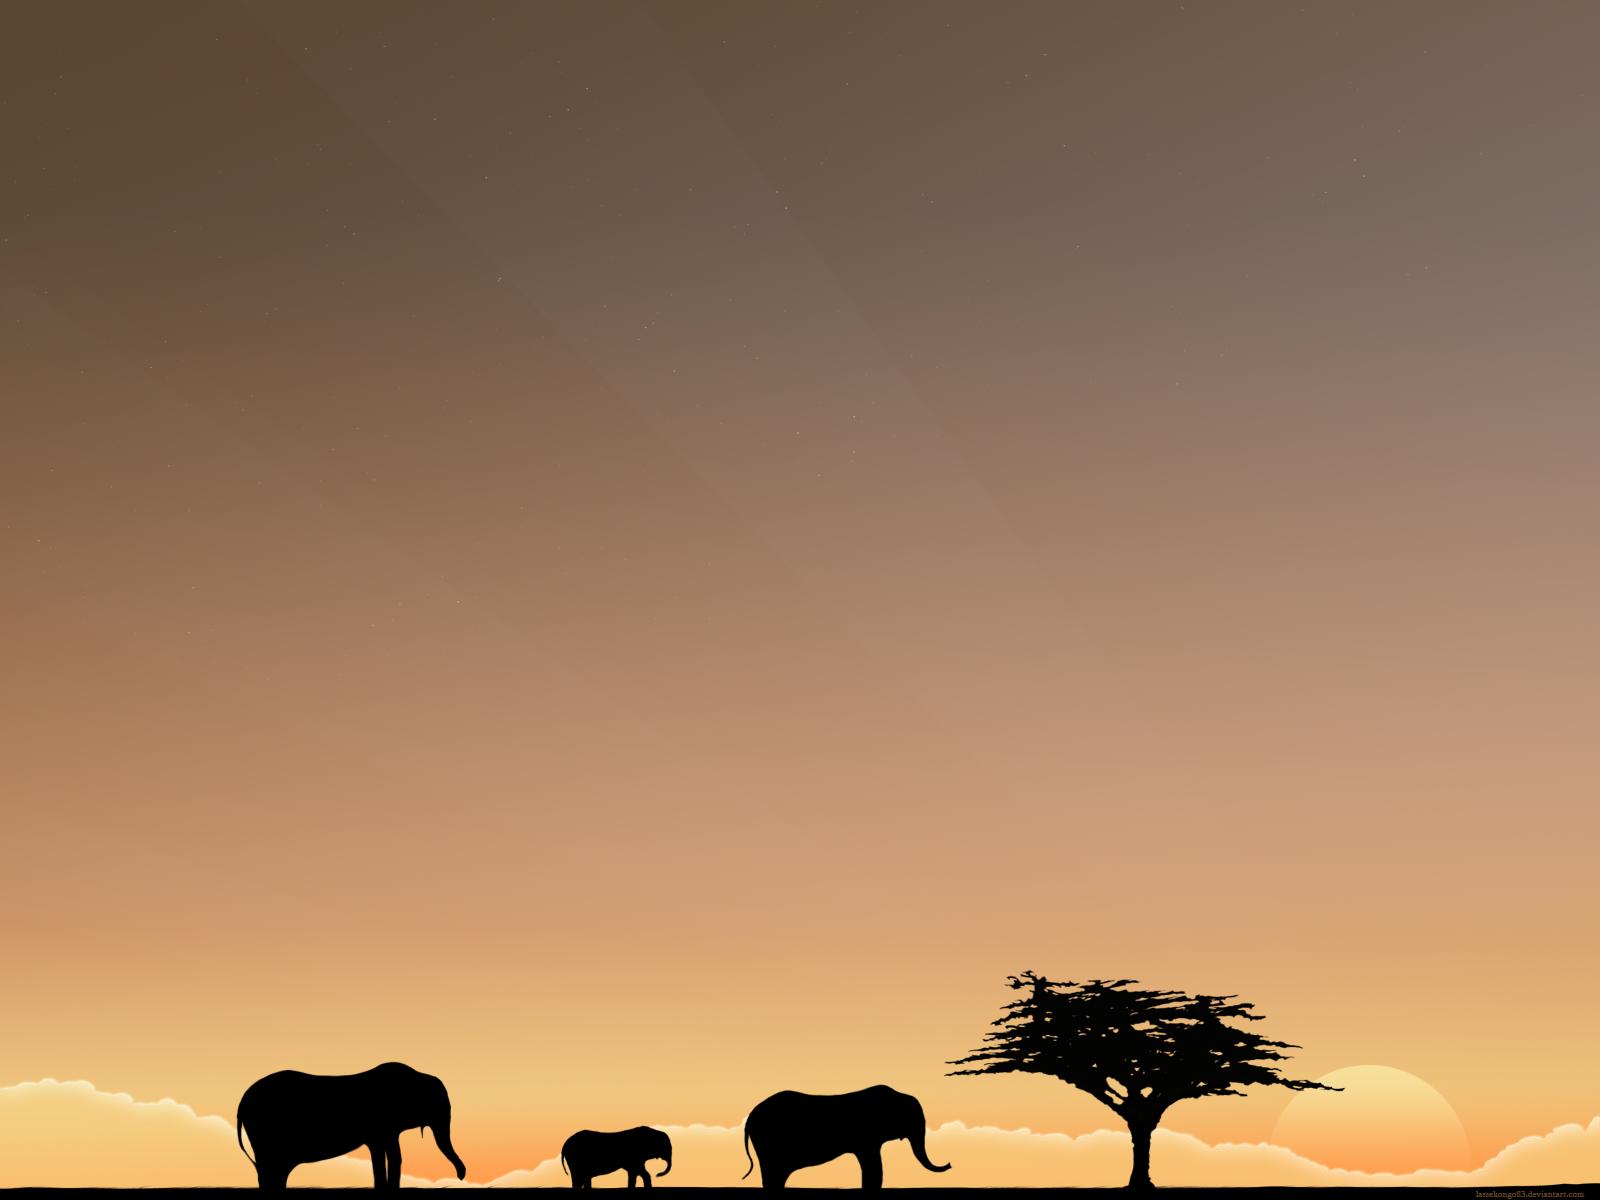 The Elephants Trip